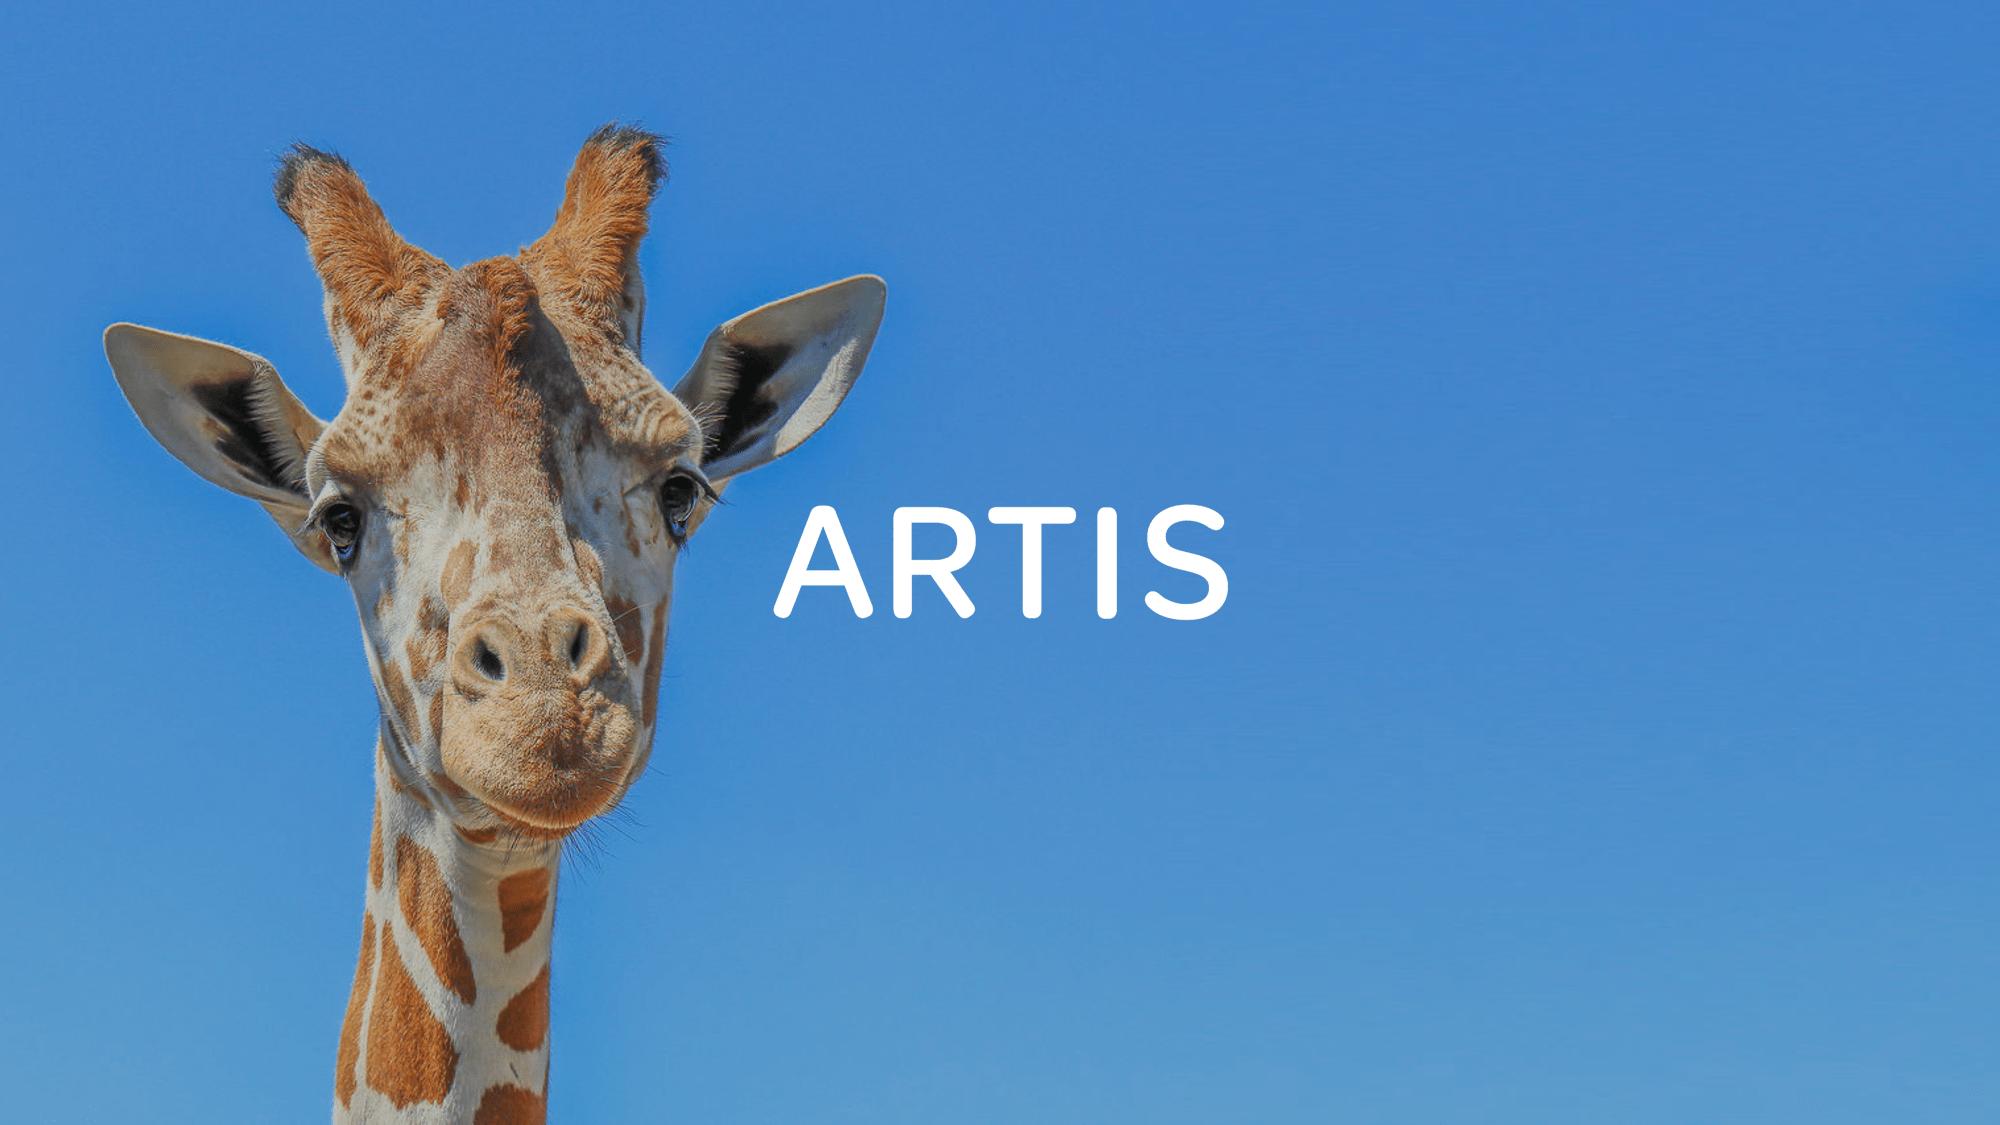 Artis bouwt met CRM aan loyale bezoekers en betrokken sponsoren